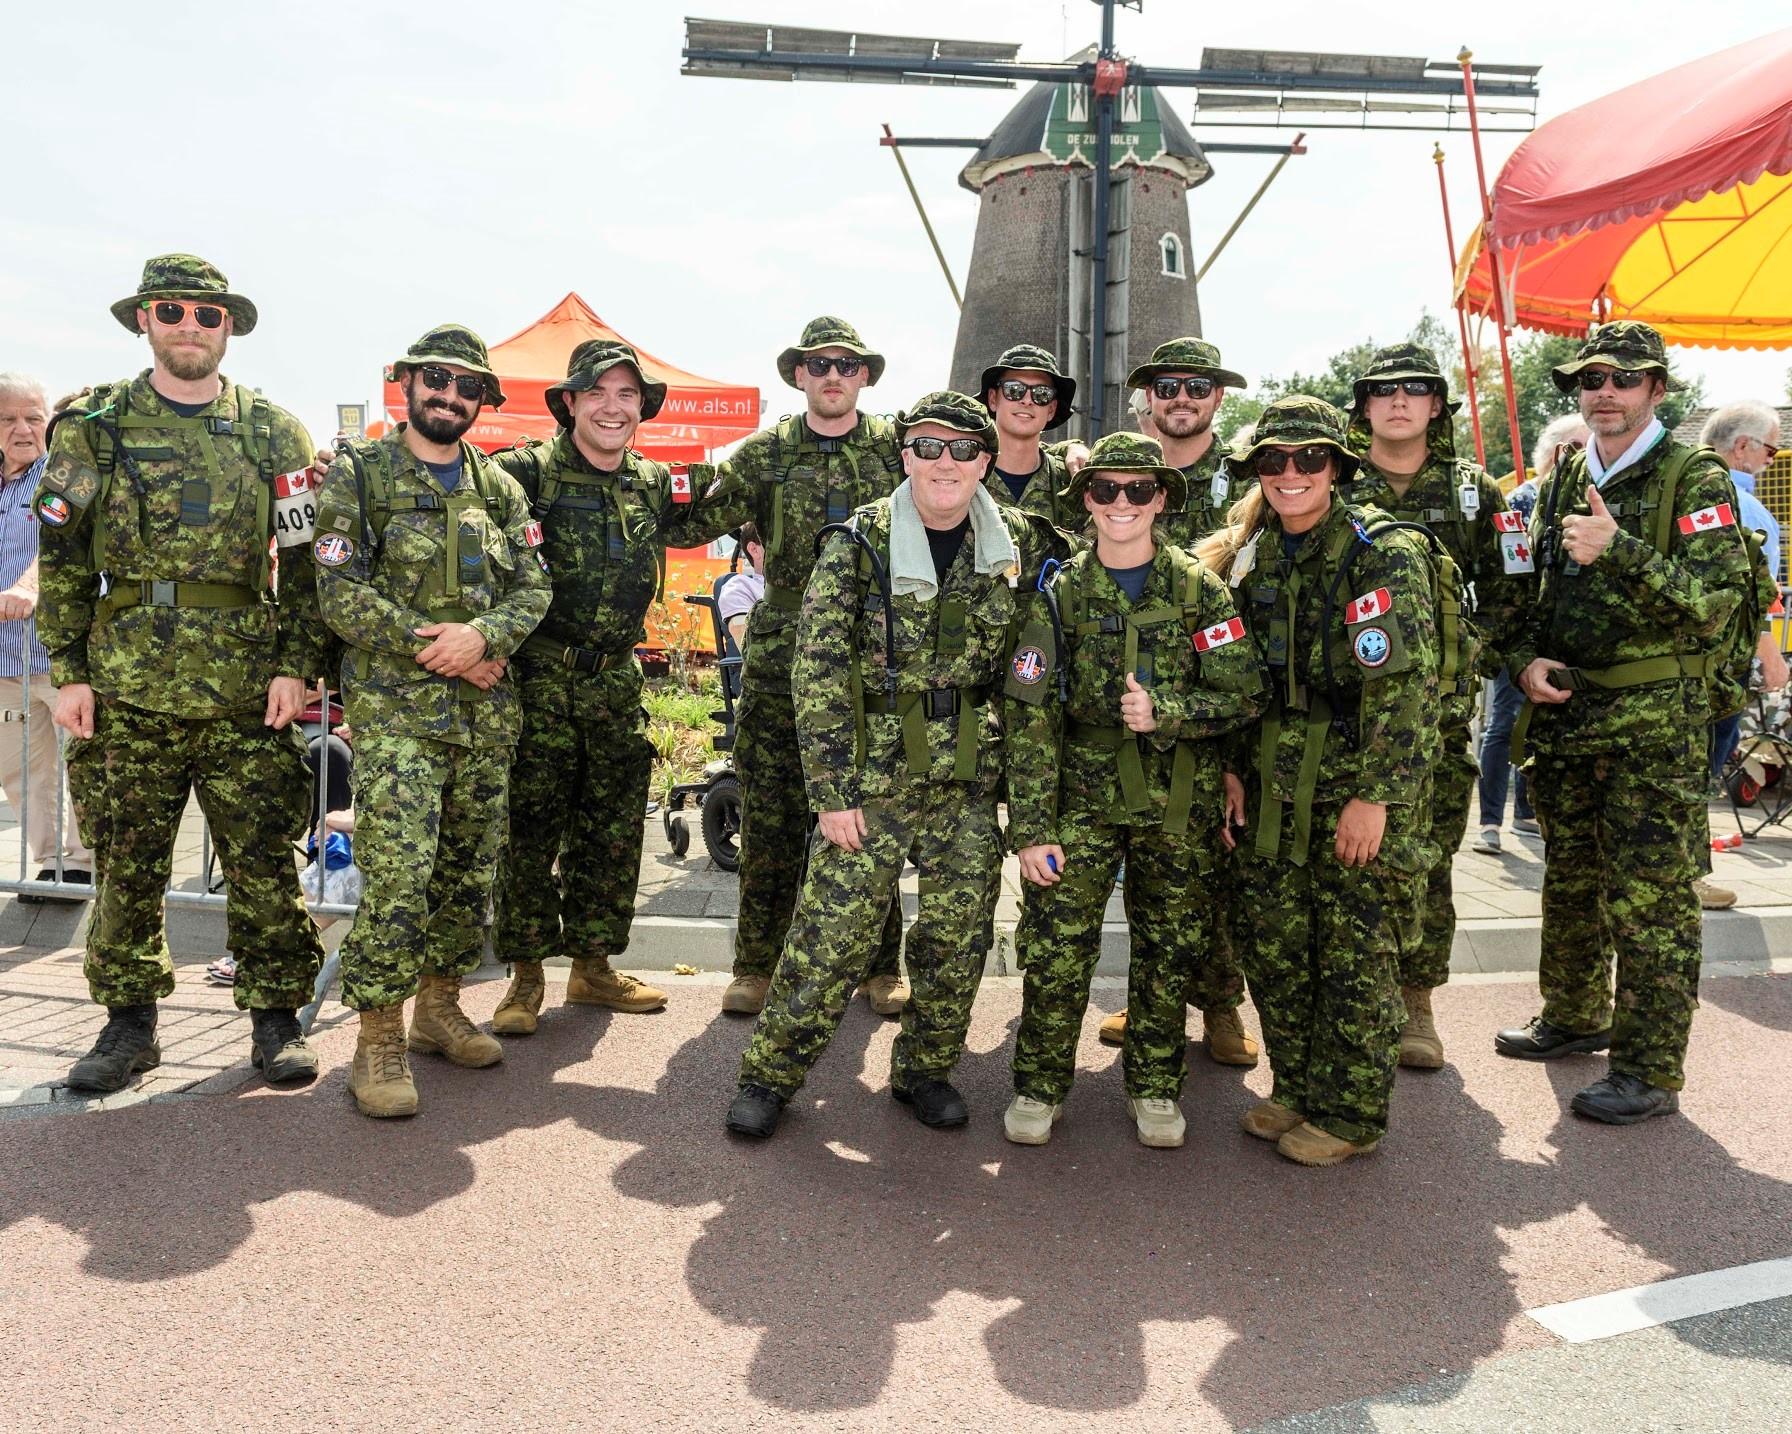 12 Wing's Nijmegen marchers